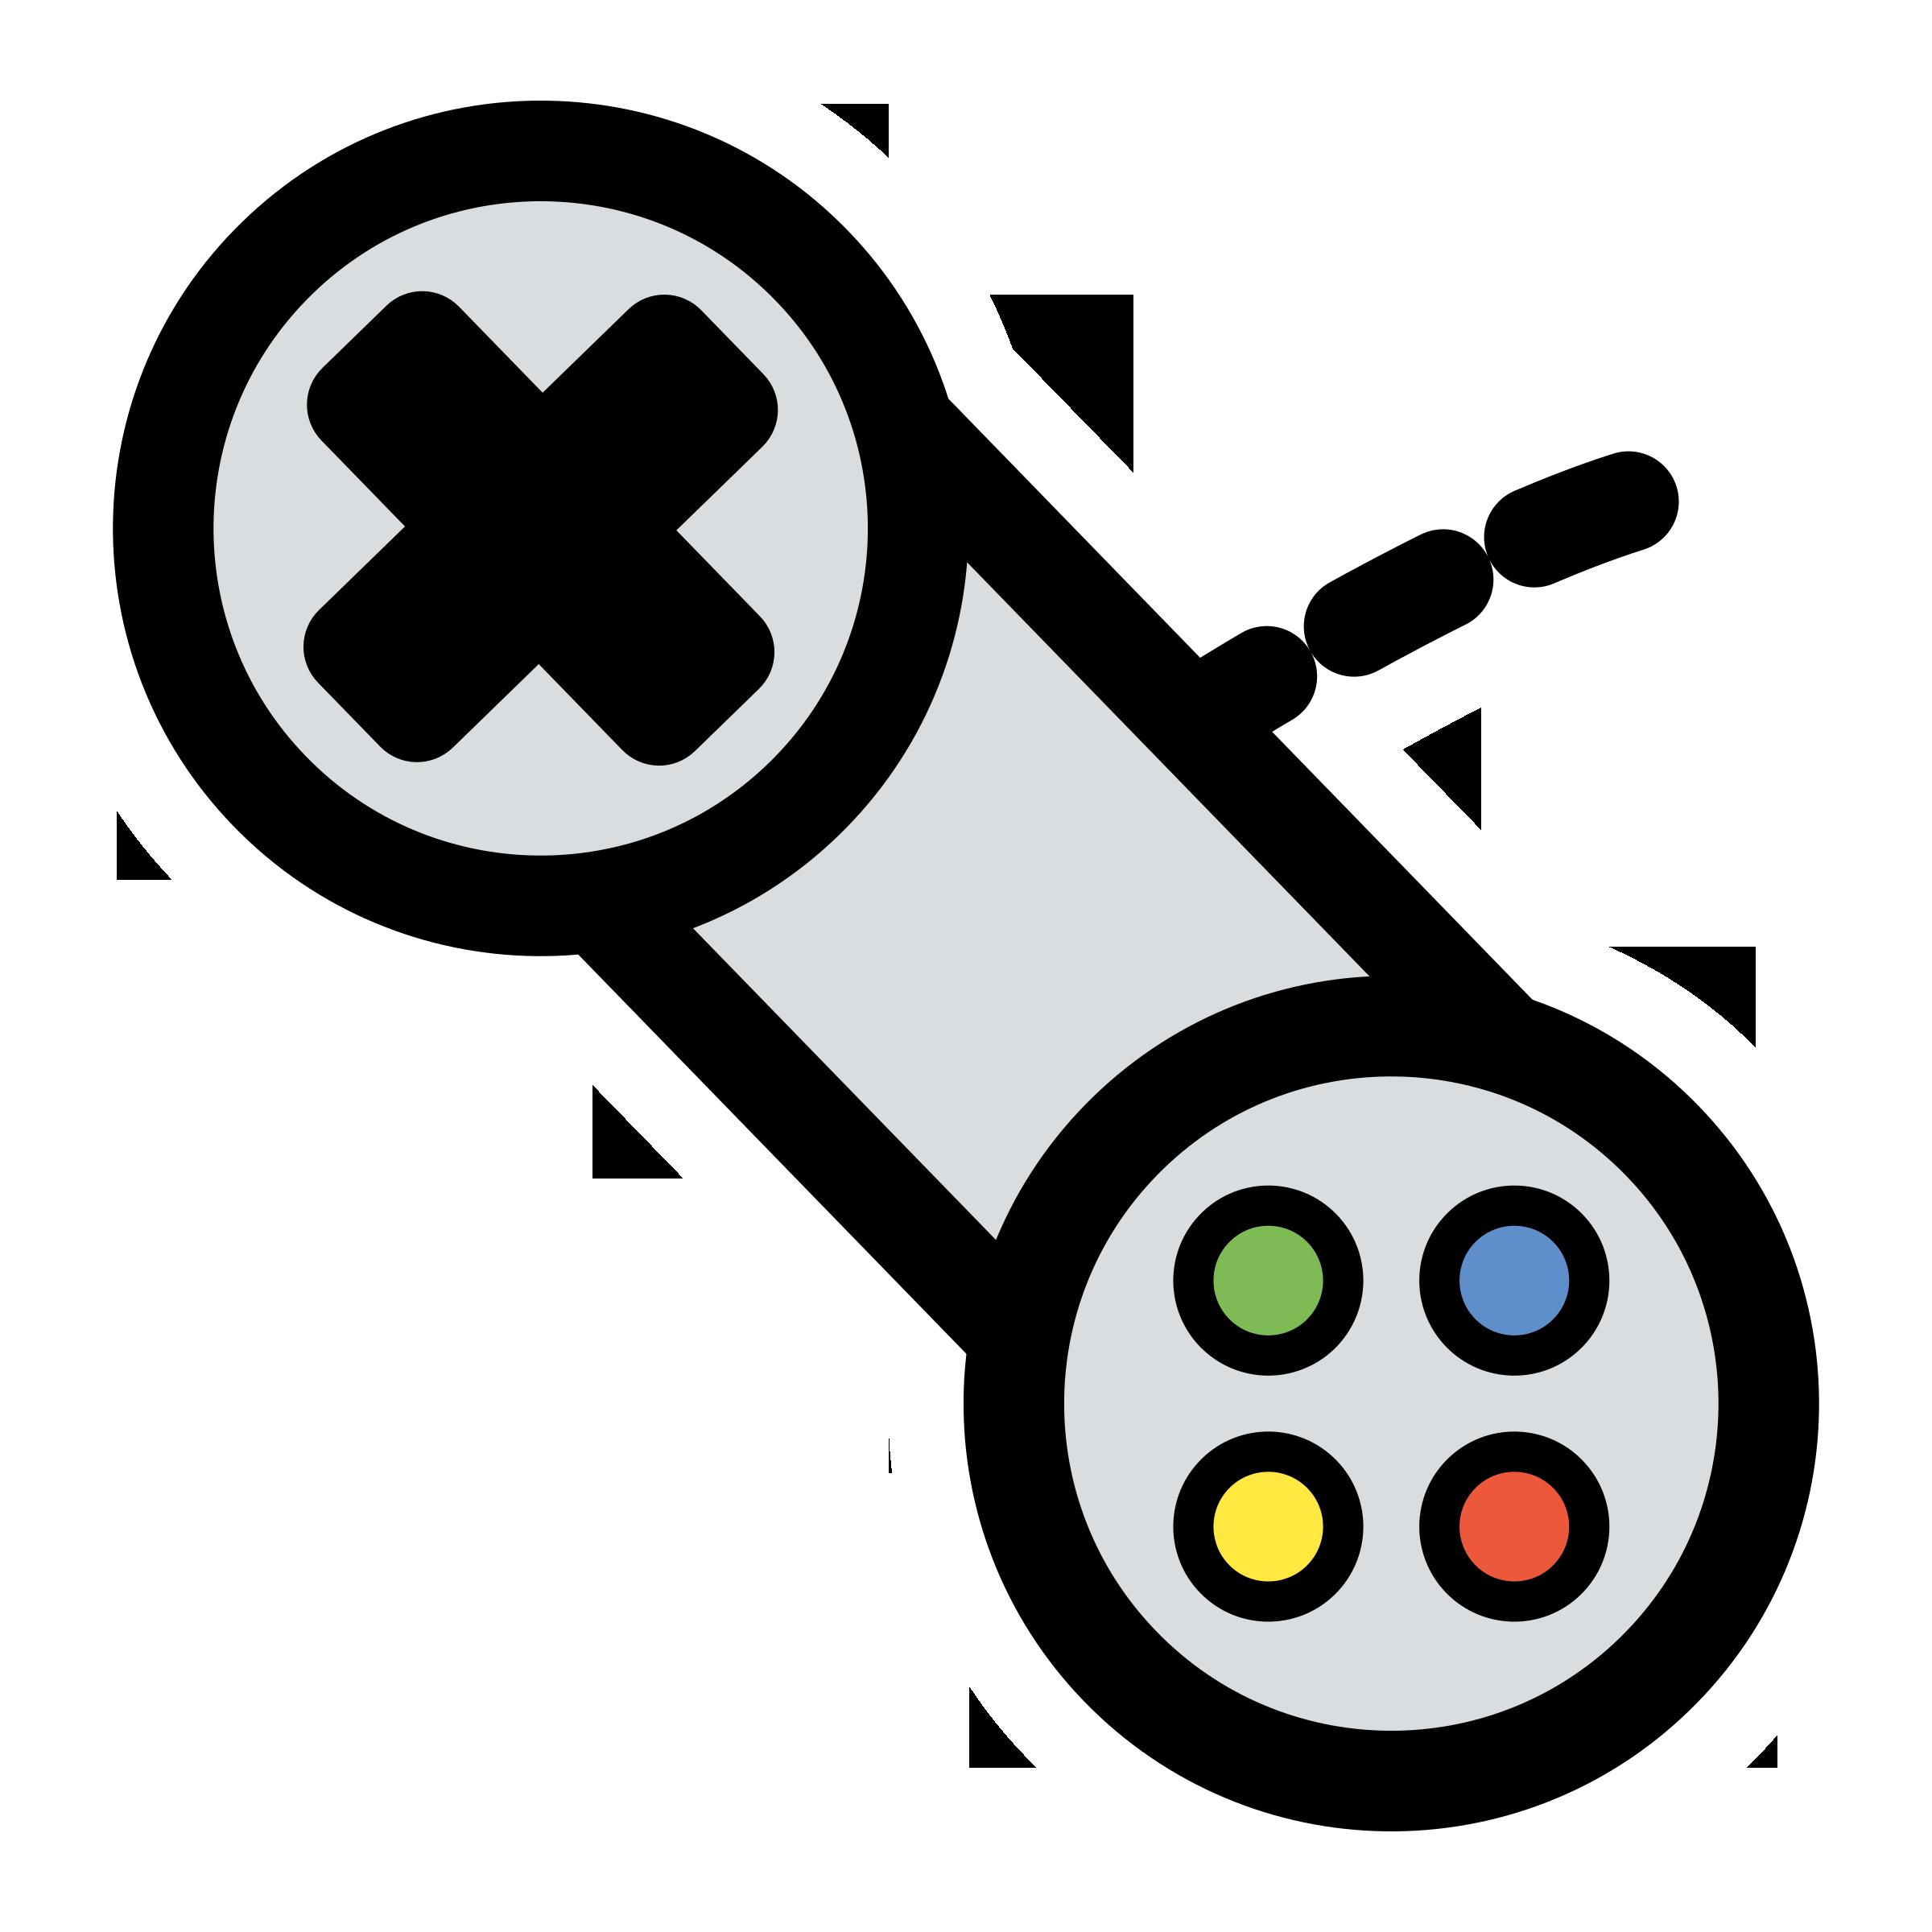 Xbox 360 controller Game controller Video game Clip art.